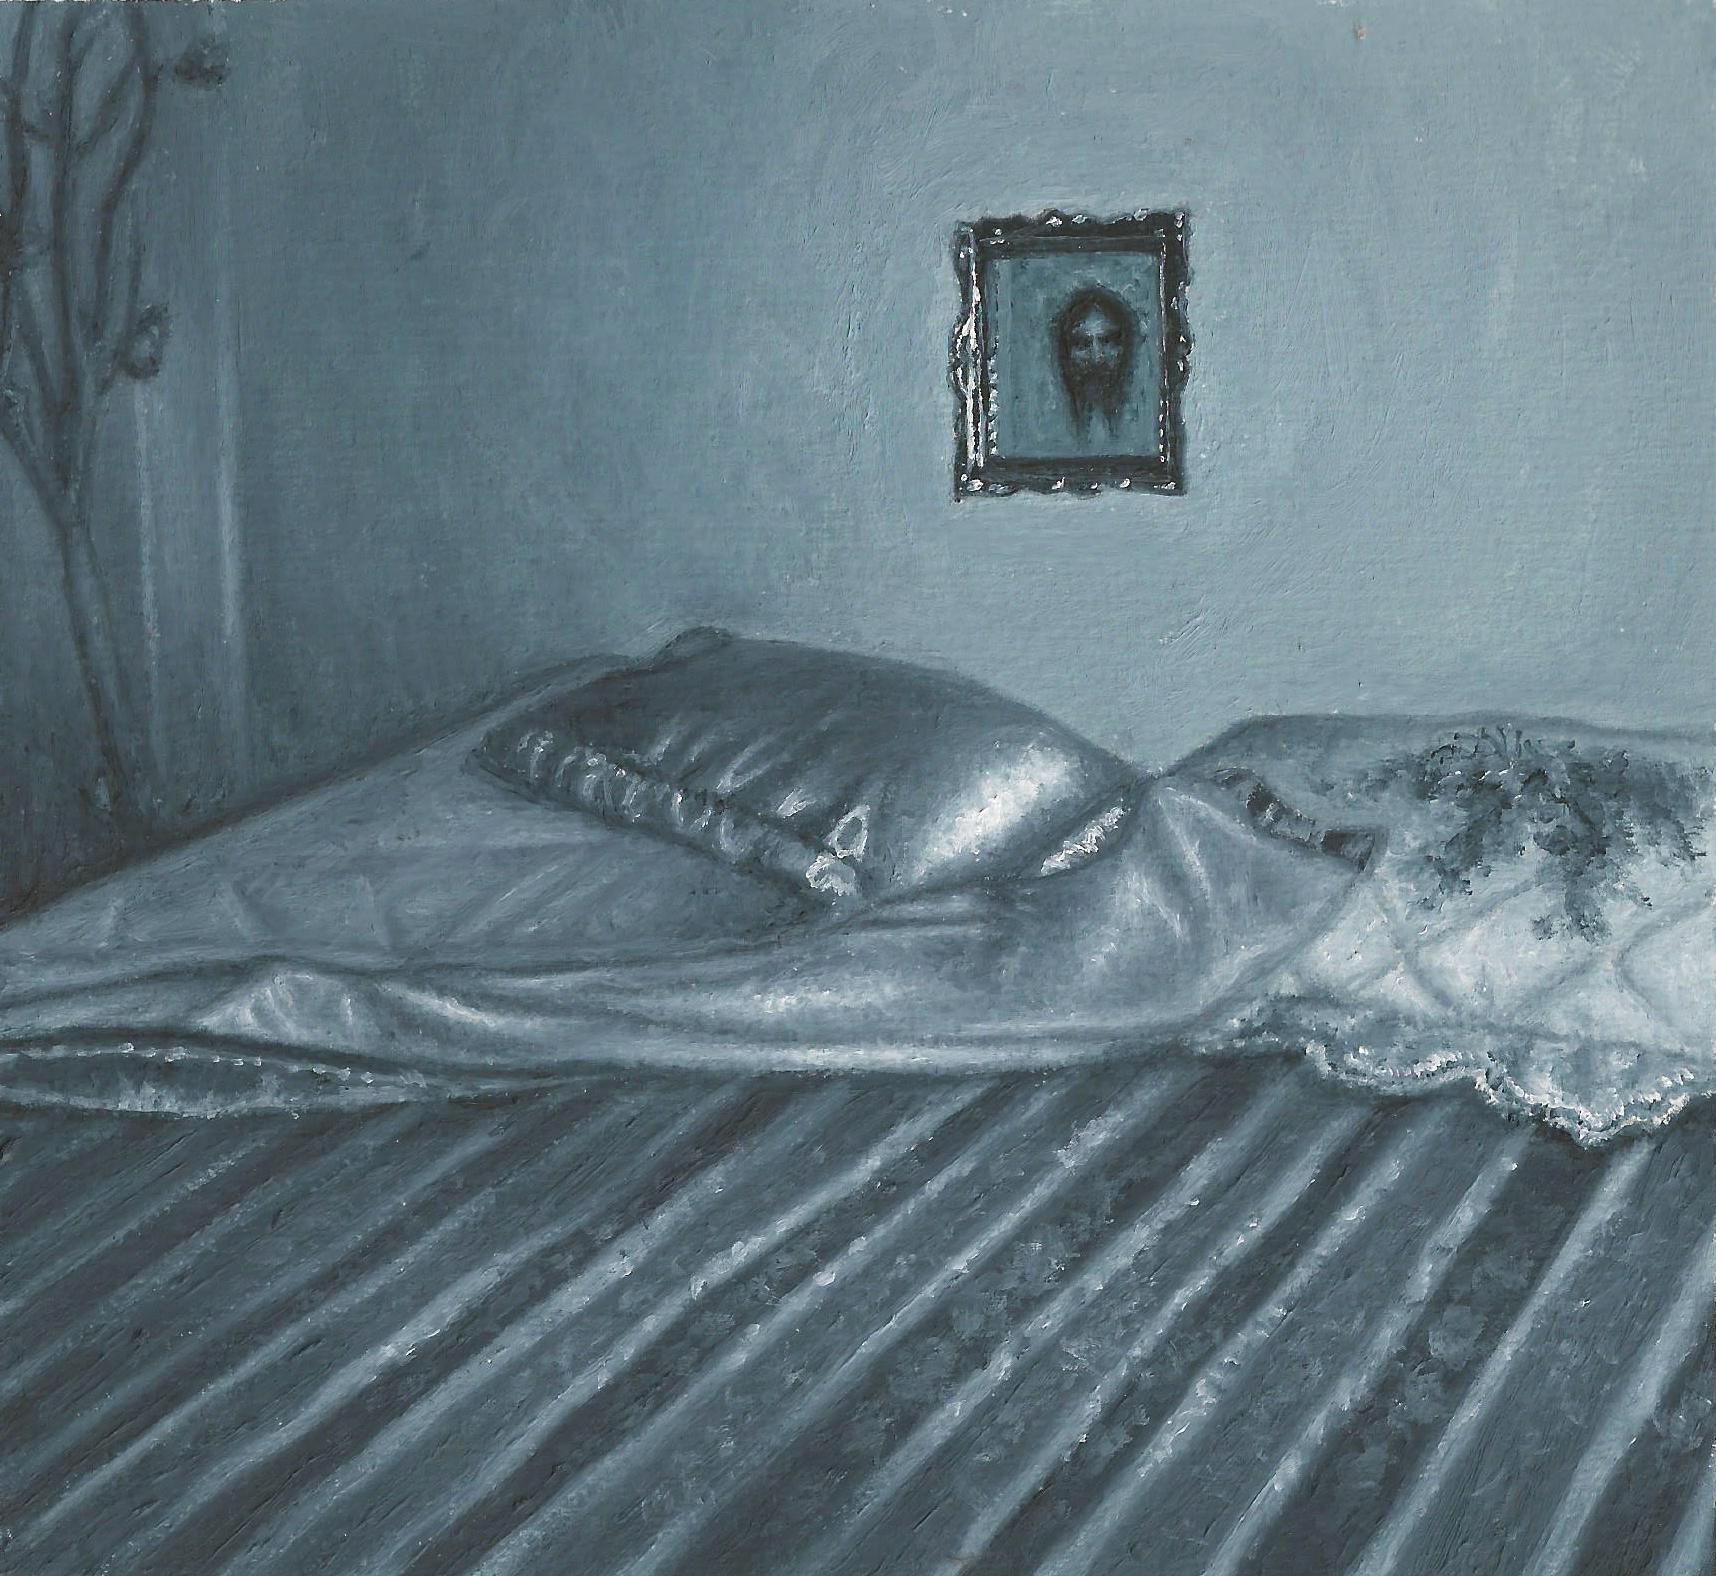 """Le travail de Juan Manuel Salas, peintre mexicain, tourne autour de la quête permanente de sens imposée par la question : """"De quoi une peinture pourrait-elle """"parler""""? Bien que tout le monde, ou n'importe qui pourrait peindre, un bouquet de fleurs, un ciel nuageux, un paysage ou encore un portrait de femme, chaque peinture transportera toujours avec elle une histoire spécifique, et à une prise de position sur ce que la peinture devrait être."""